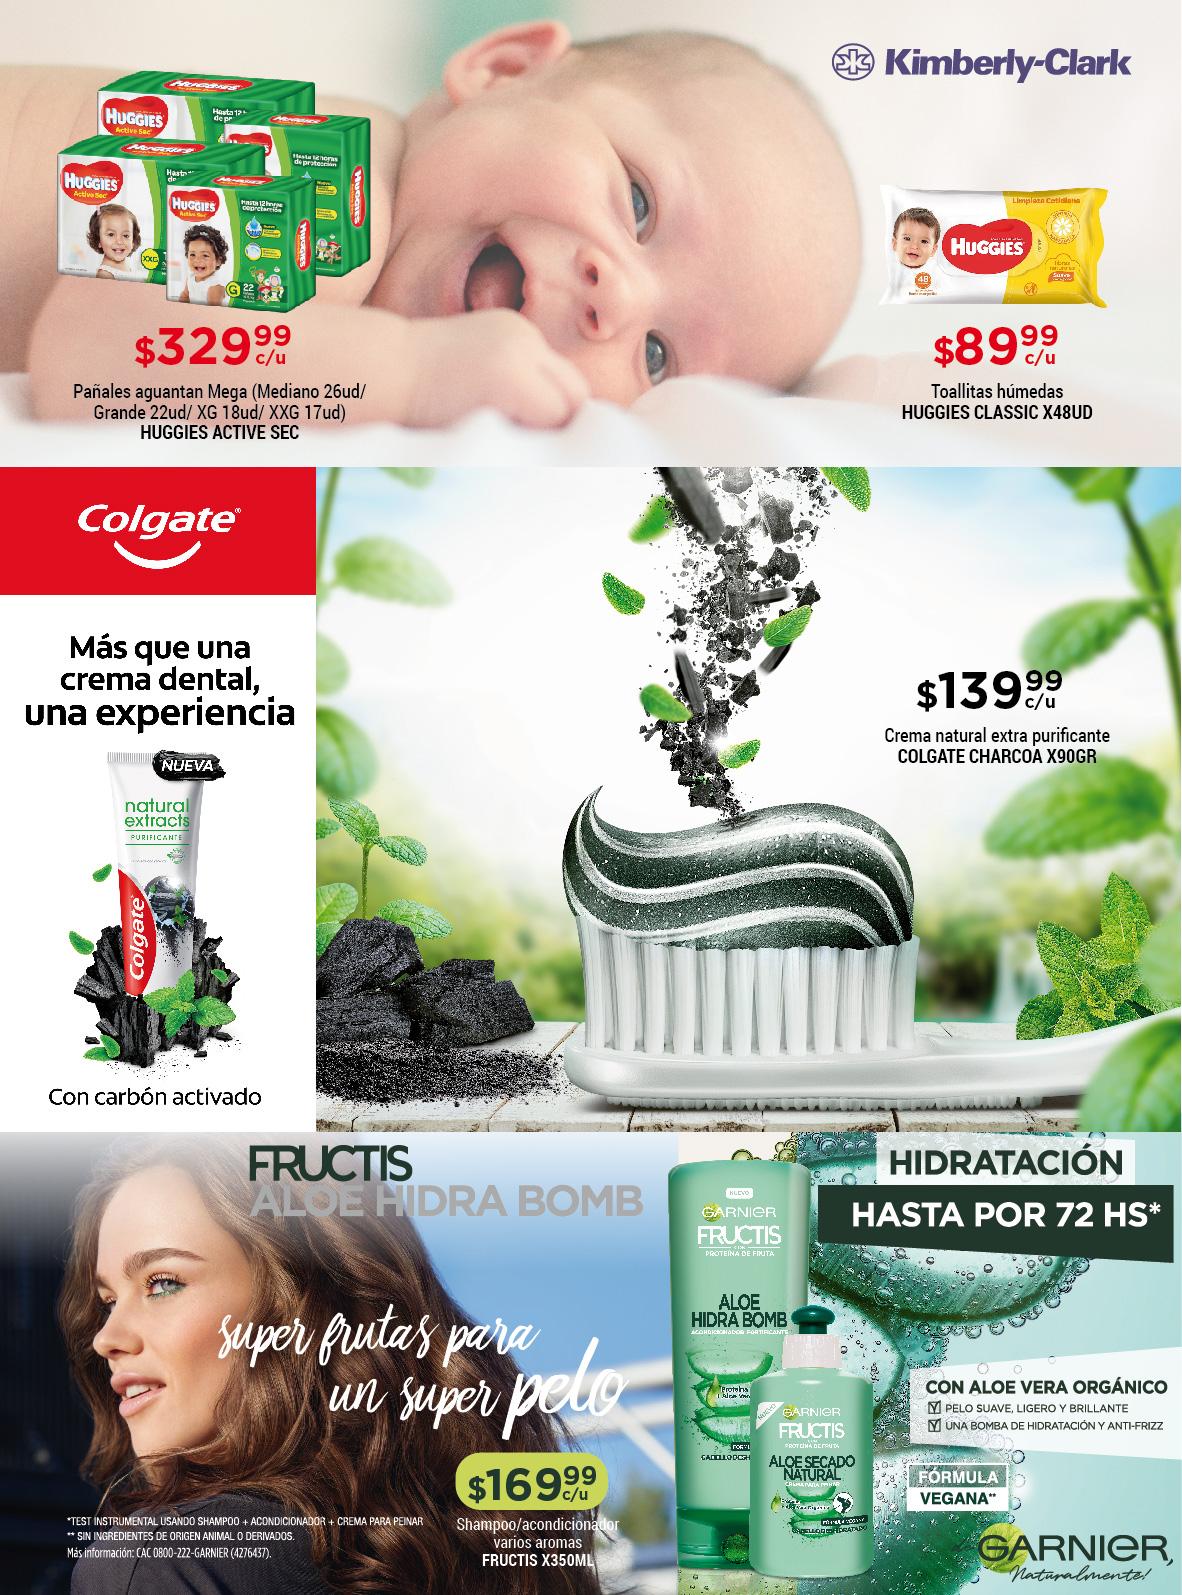 Copia-de-4-20x27-especial-limpieza_pag04_Mesa-de-trabajo-1